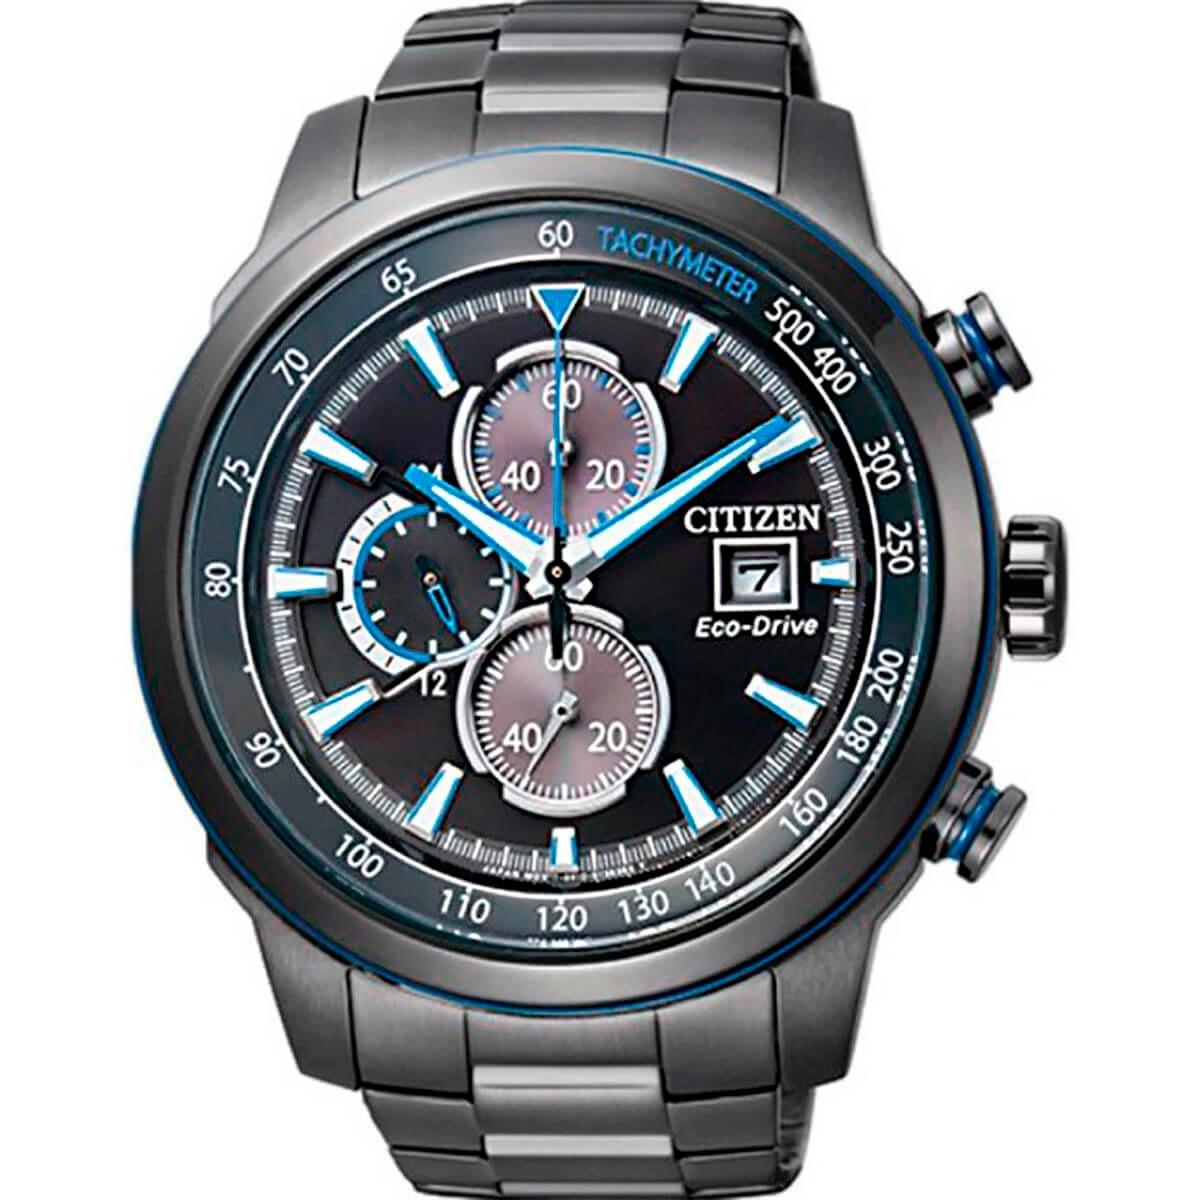 d5f16920267 relógio citizen eco-drive masculino tz30900f ca0576-59e. Carregando zoom.